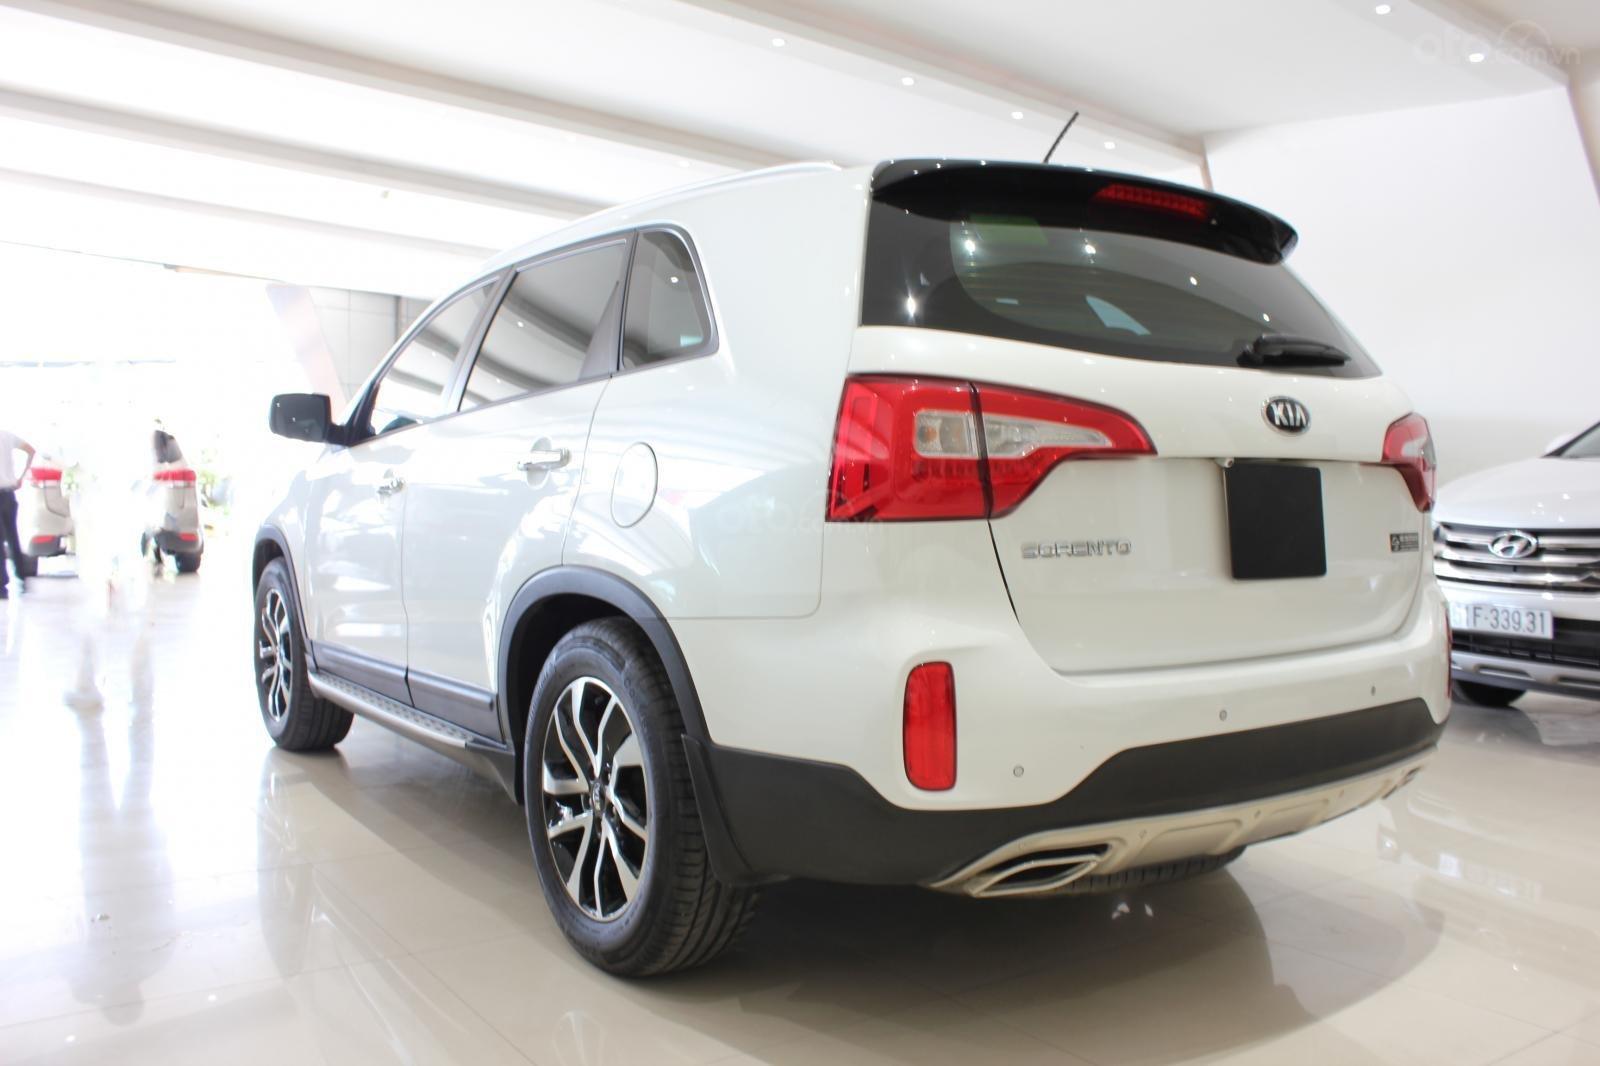 Bán xe Kia Sorento GATH 2.4AT SX 2019, màu trắng, xe đẹp, biển SG 9 nút, giá TL (10)